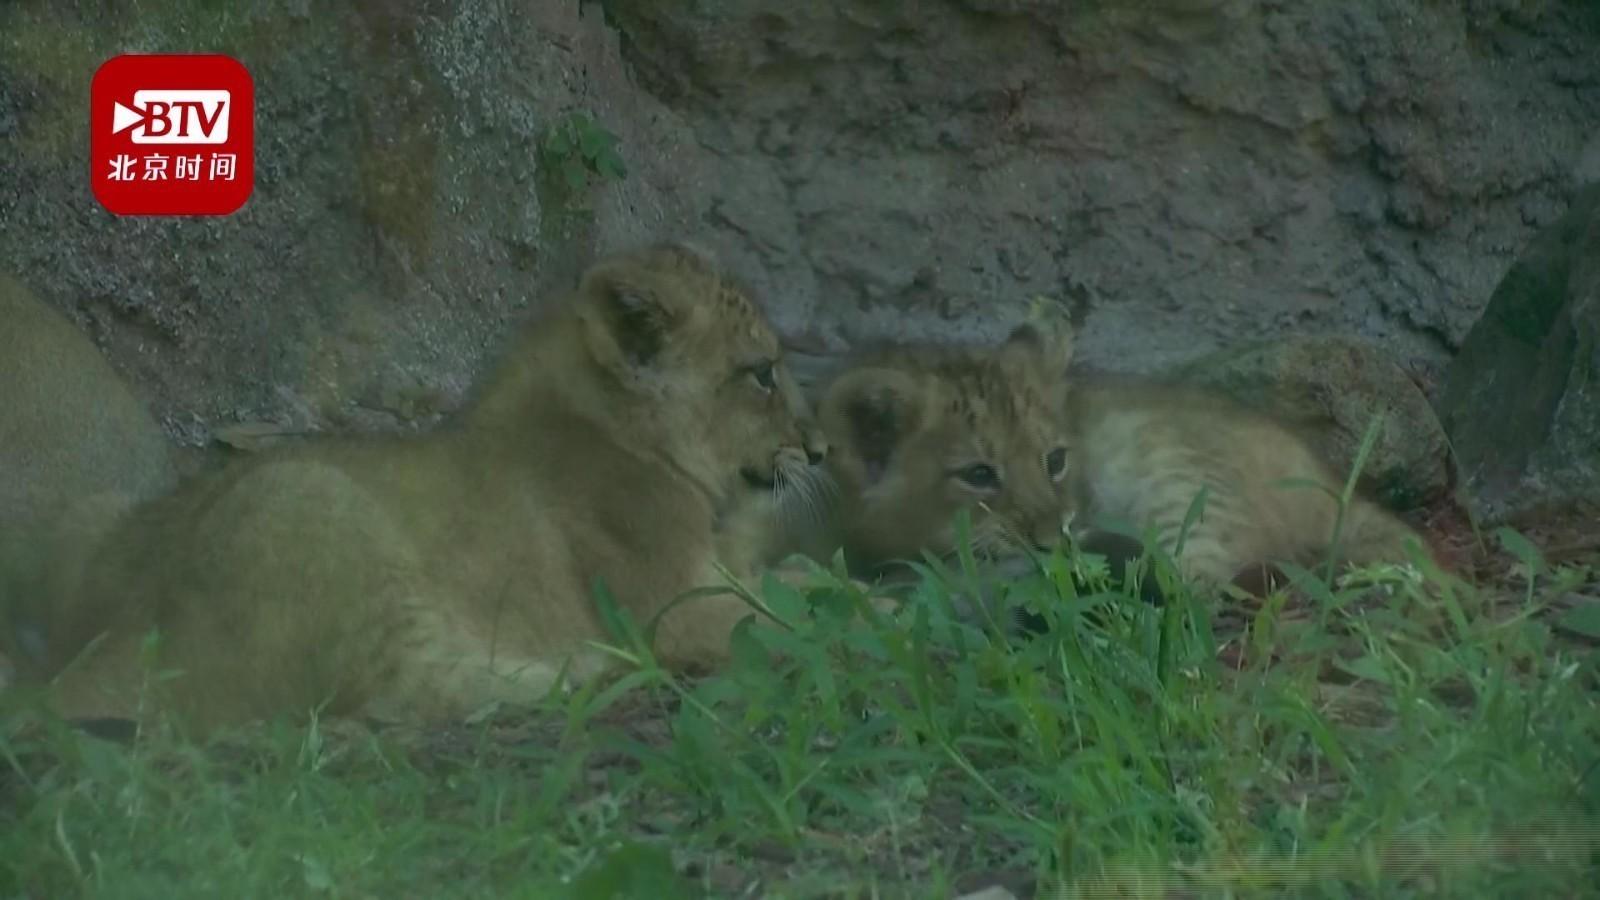 意大利双胞胎狮宝宝首次公开亮相